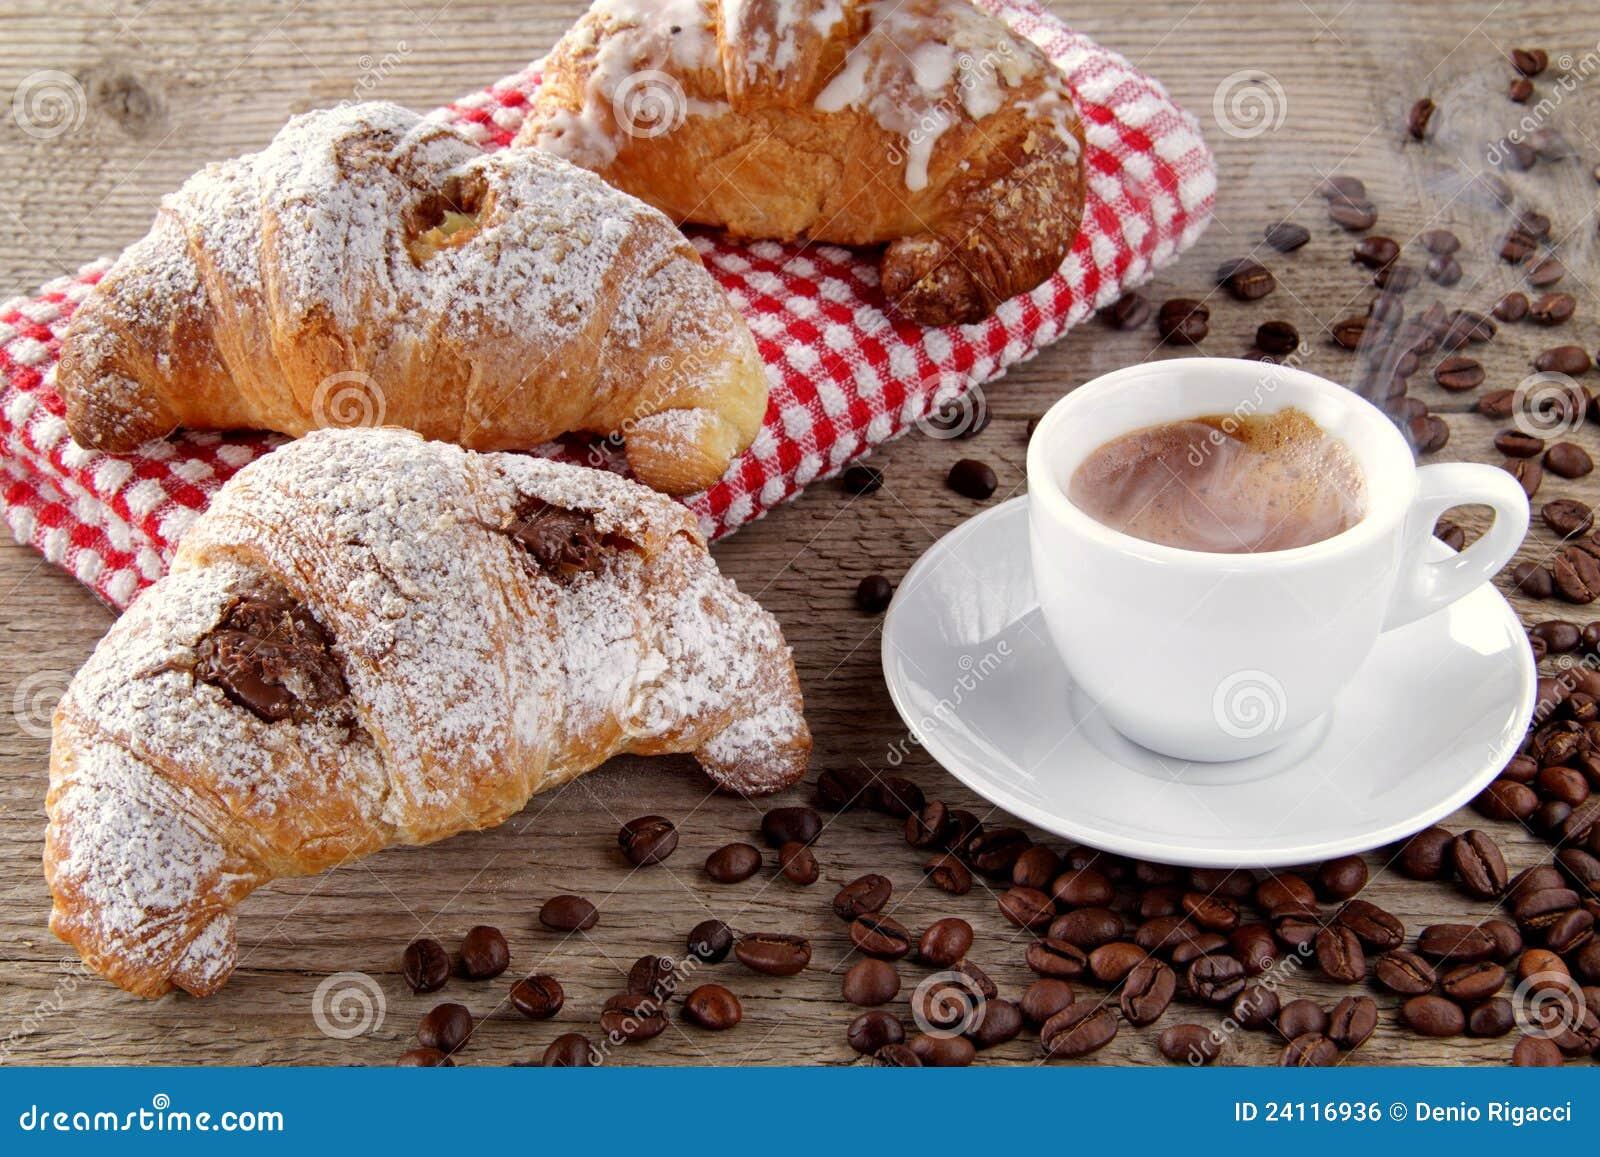 Desayuno para el Lunes-http://thumbs.dreamstime.com/z/caf%C3%A9-y-croissants-con-crema-del-chocolate-24116936.jpg